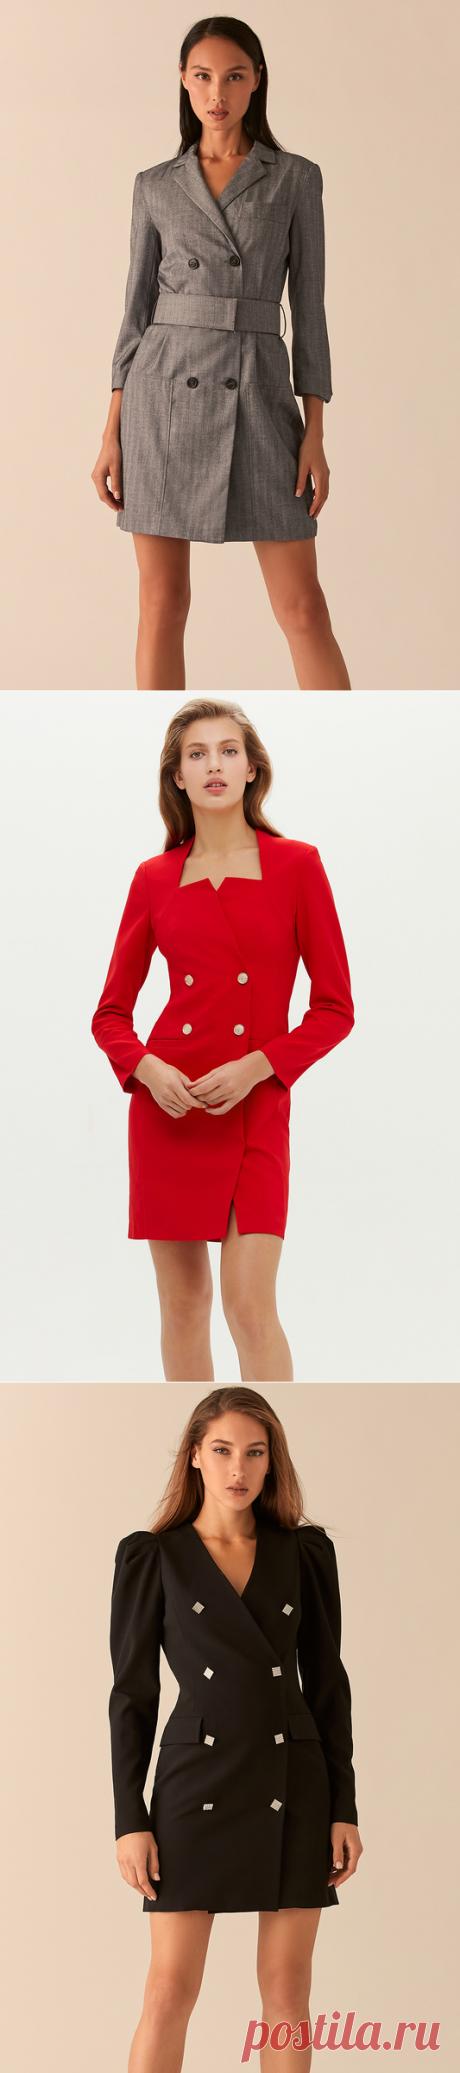 Платье LOVE REPUBLIC арт 0452218576/W20111707430 купить в интернет магазине, цвет 70, красный, цена и фото - KUPIVIP.RU